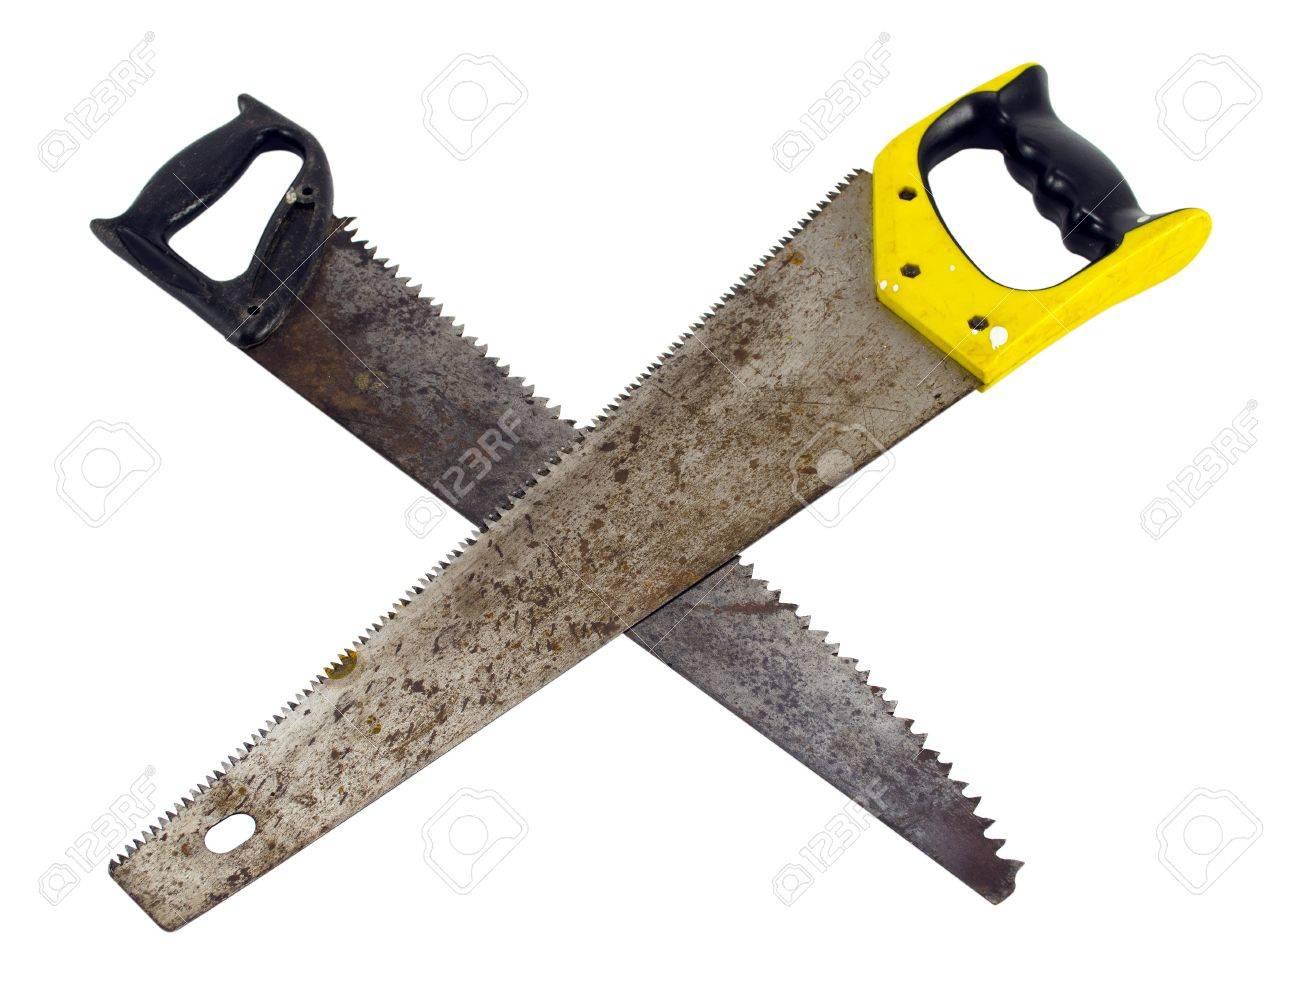 zwei gekreuzte handsäge handsäge holz geschnitten werkzeugen auf